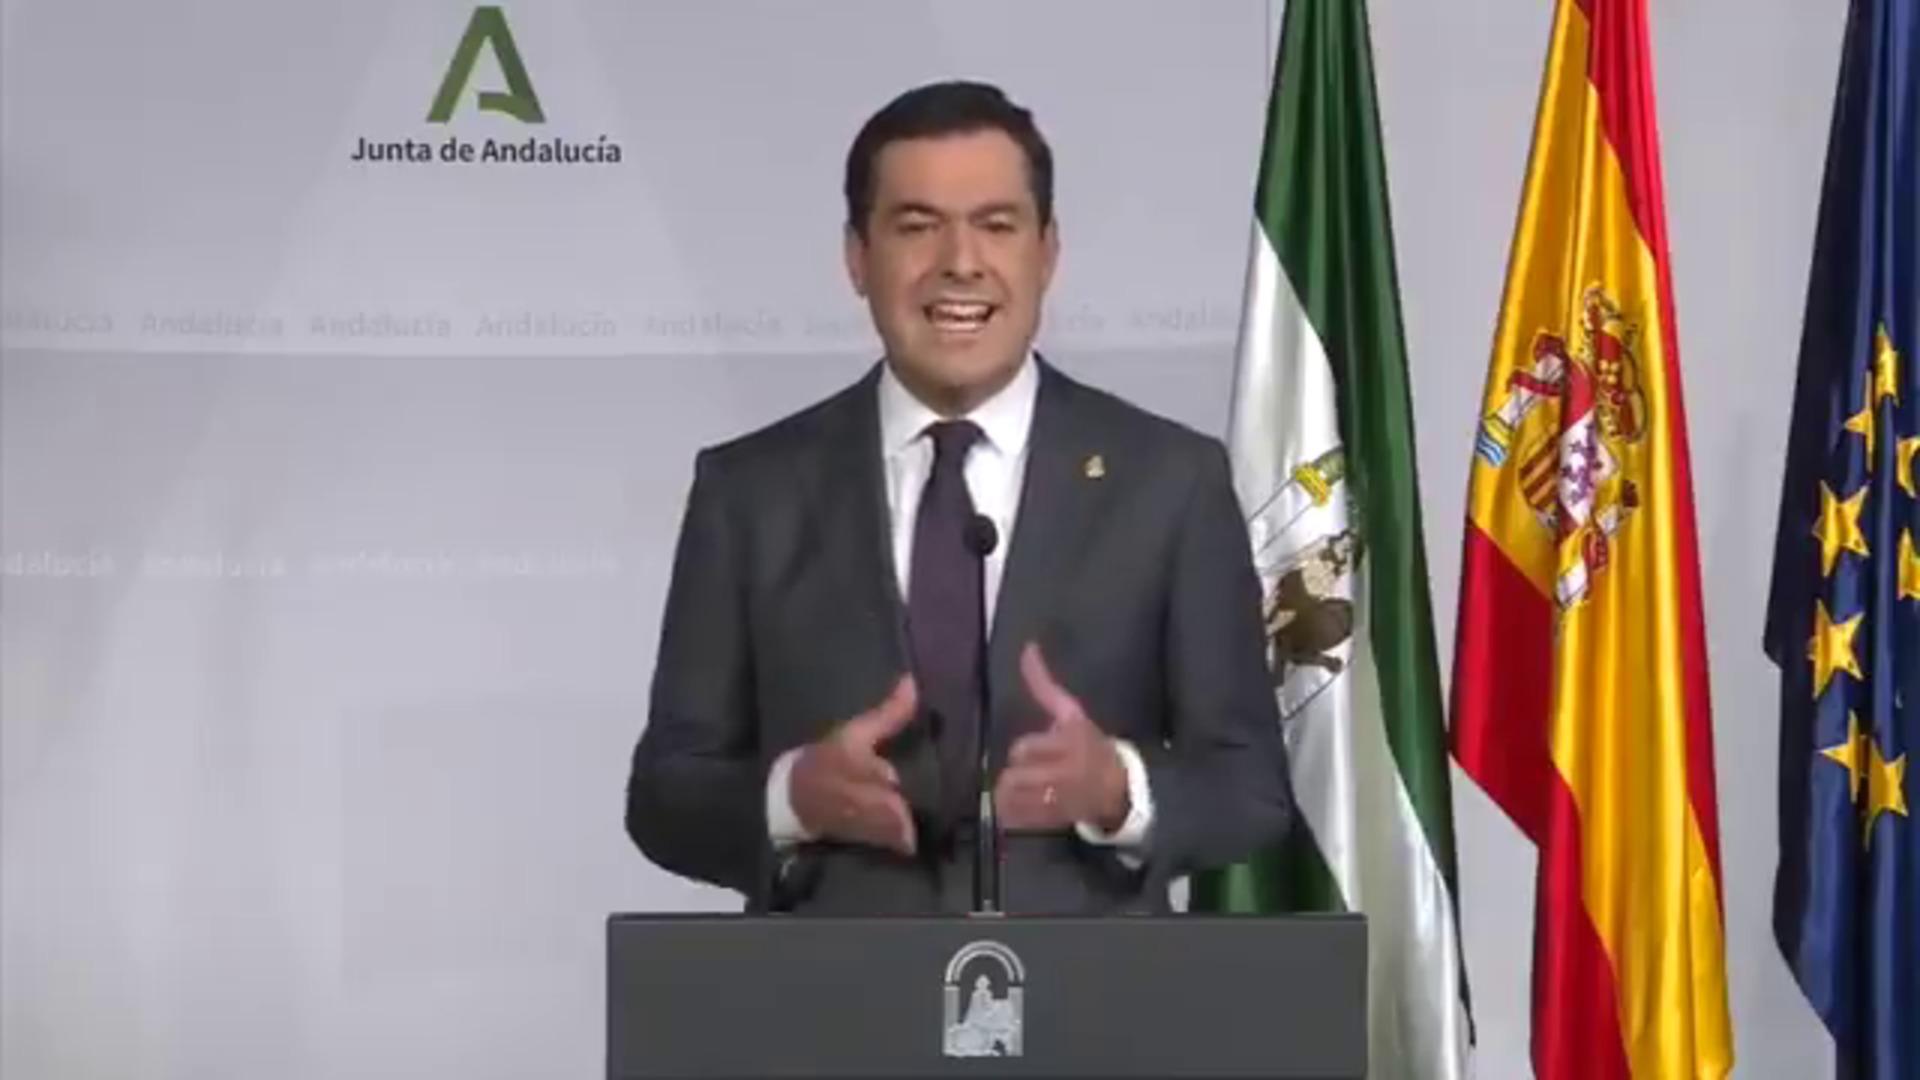 Juanma Moreno pide prudencia y limitar el contacto social  tras anunciar las nuevas restricciones en Andalucía